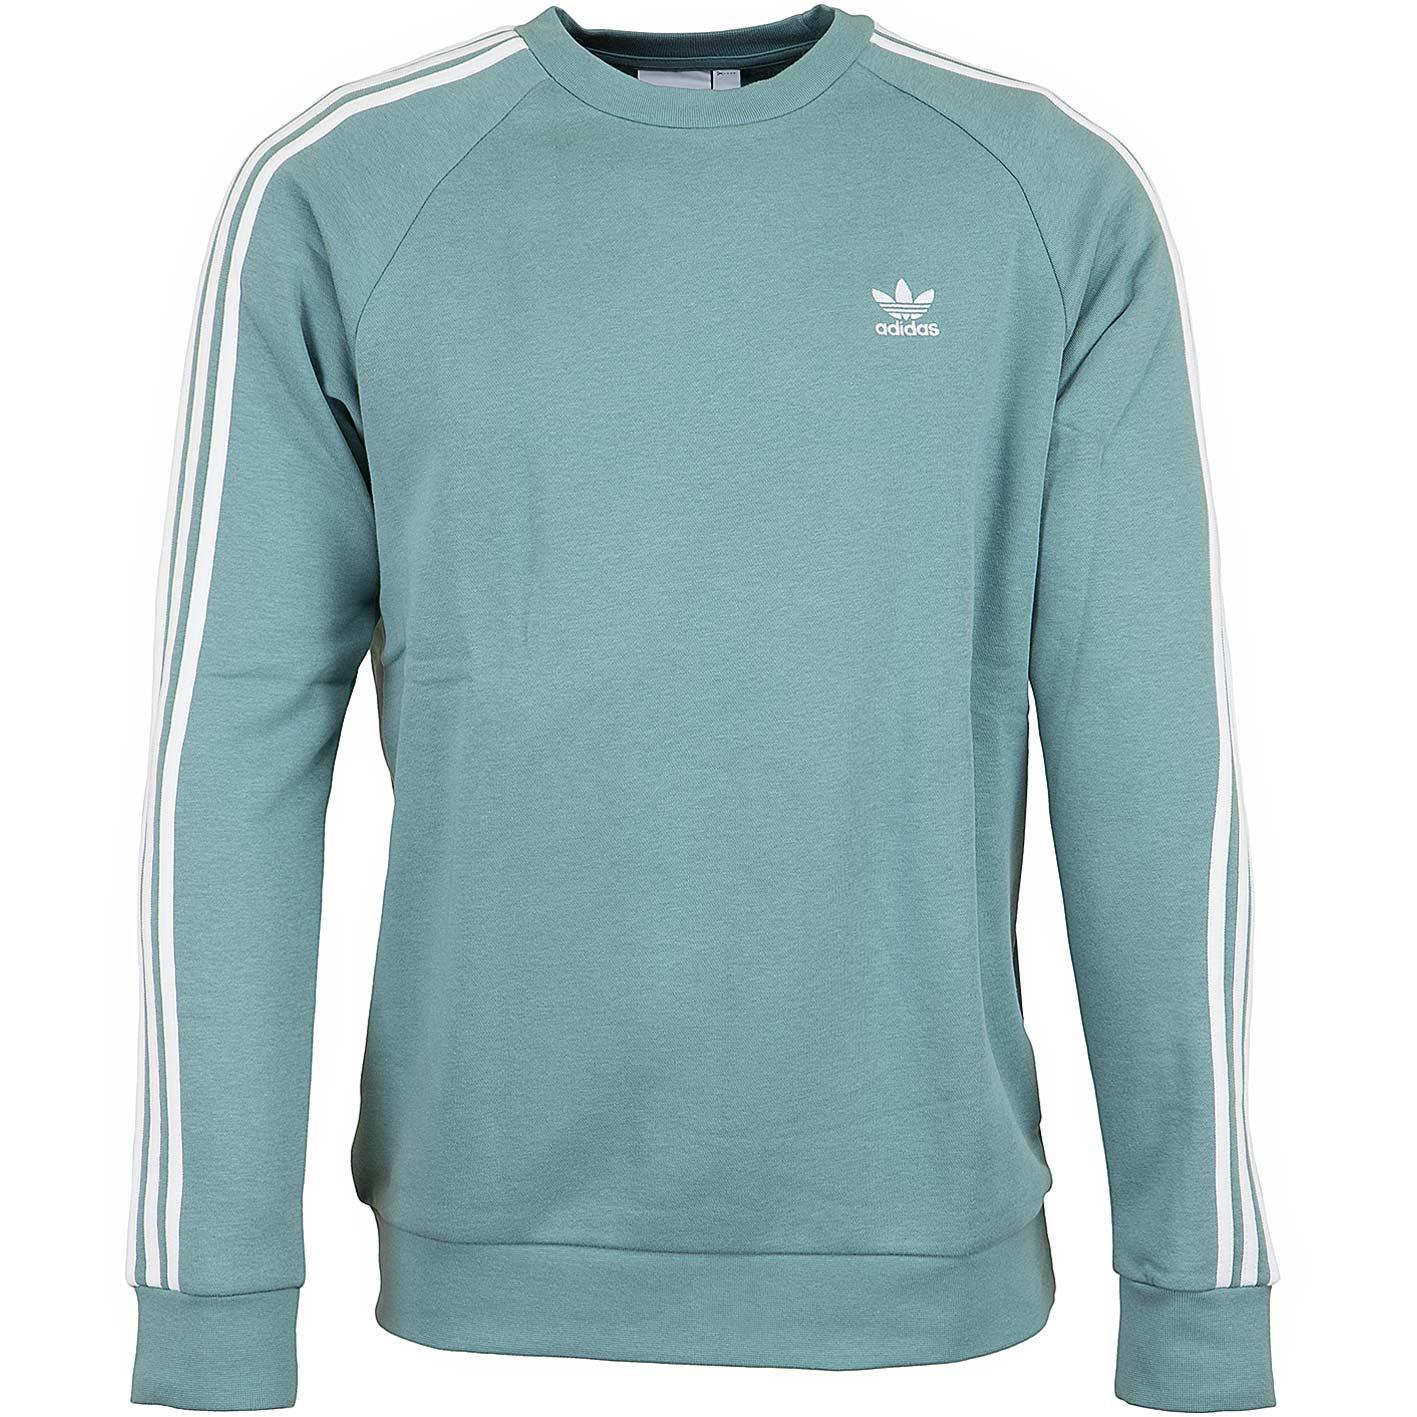 Adidas Pullover Mintgrün